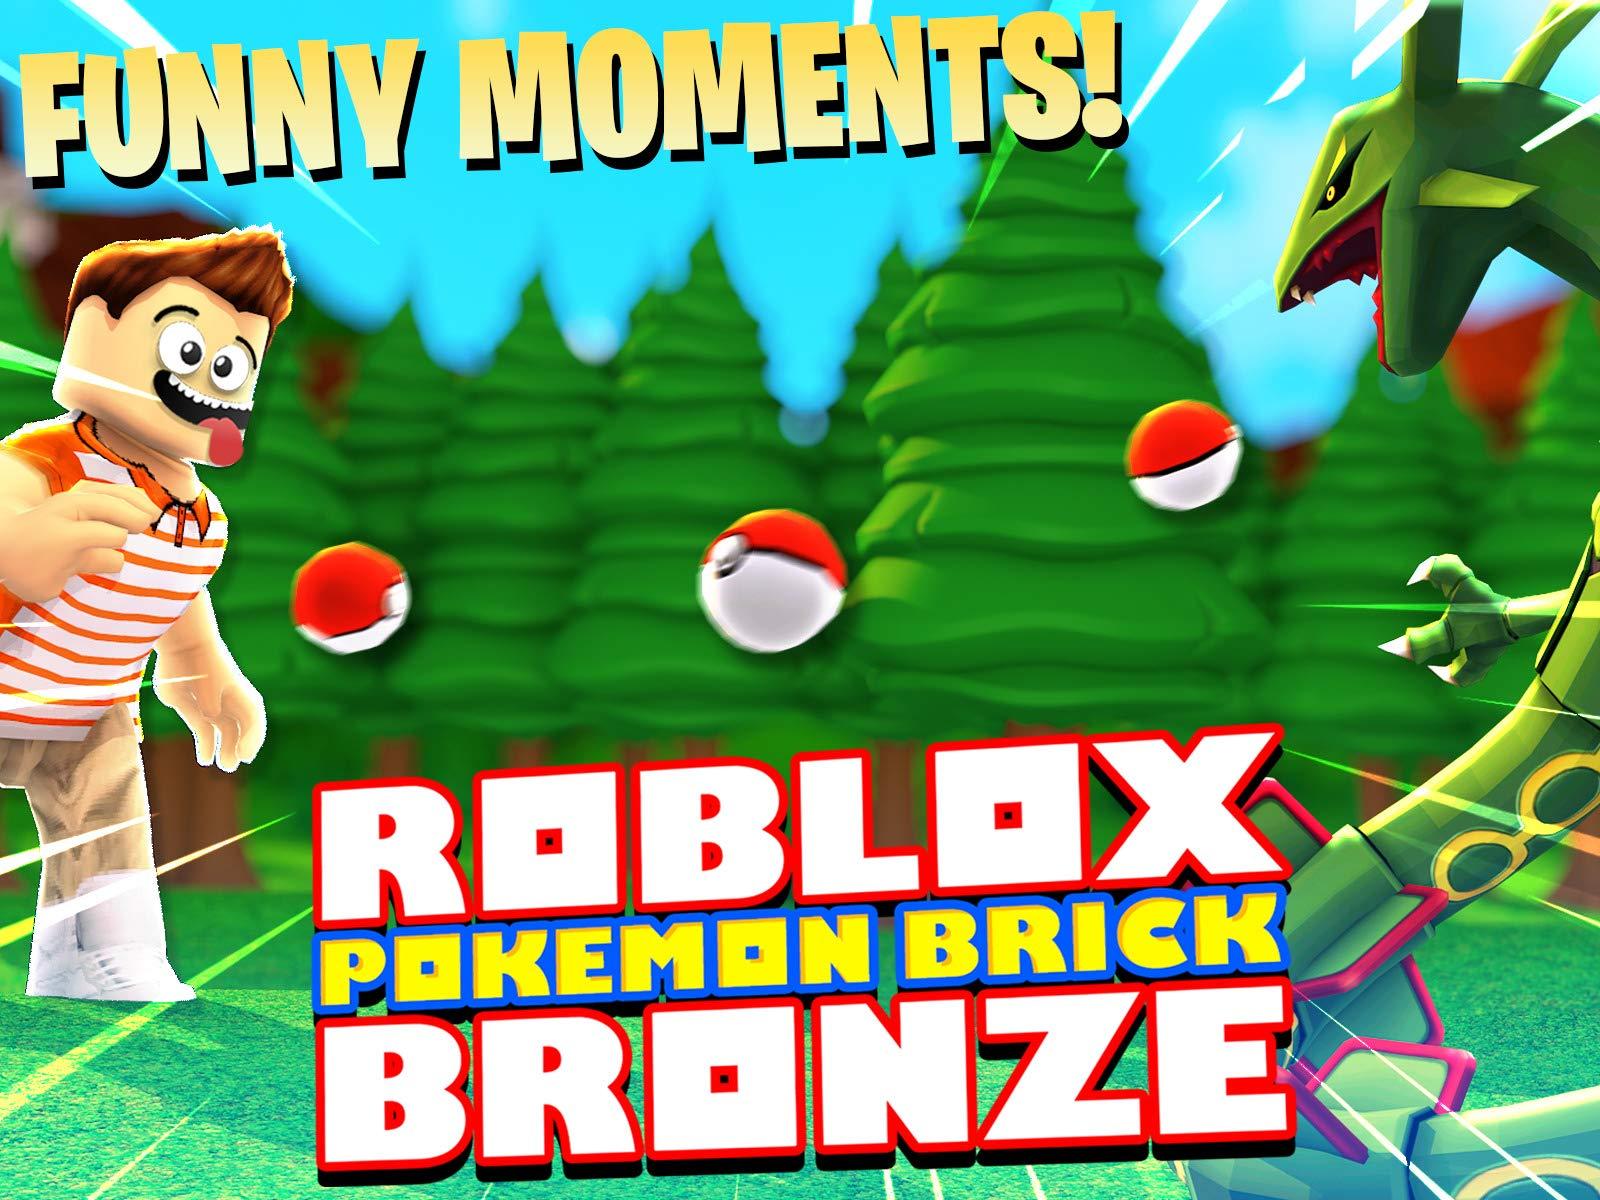 Clip: Roblox Pokemon Brick Bronze (Funny Moments) - Season 2